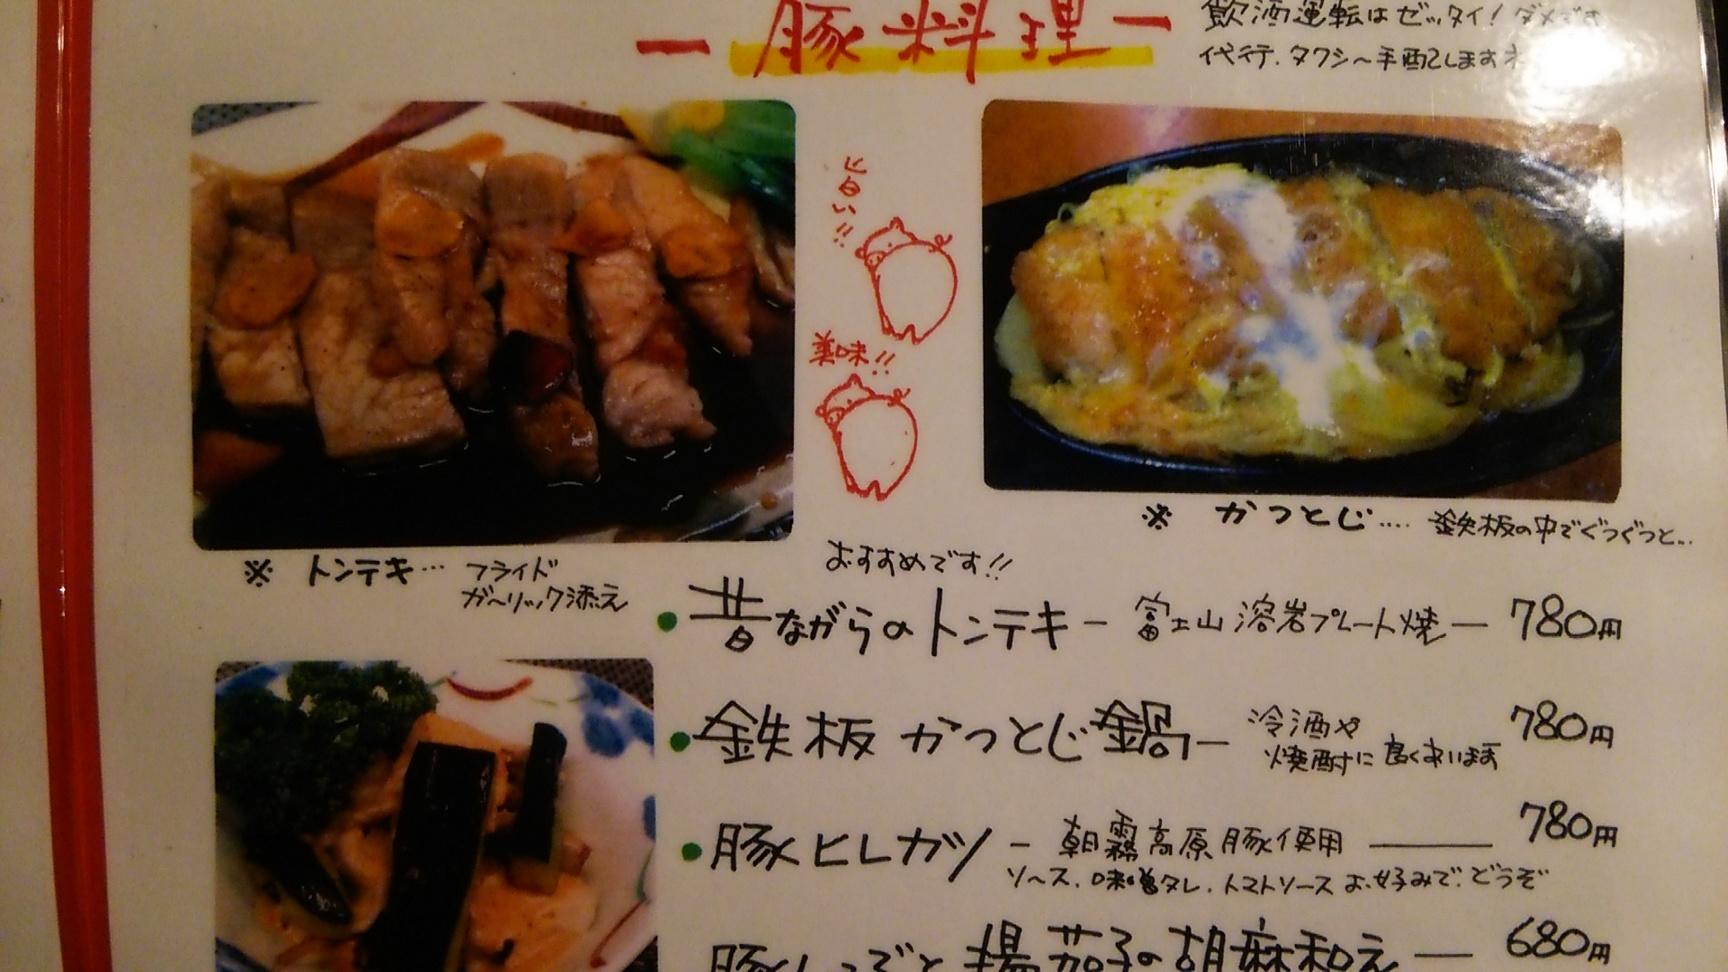 草薙食酒場 光っちゃん